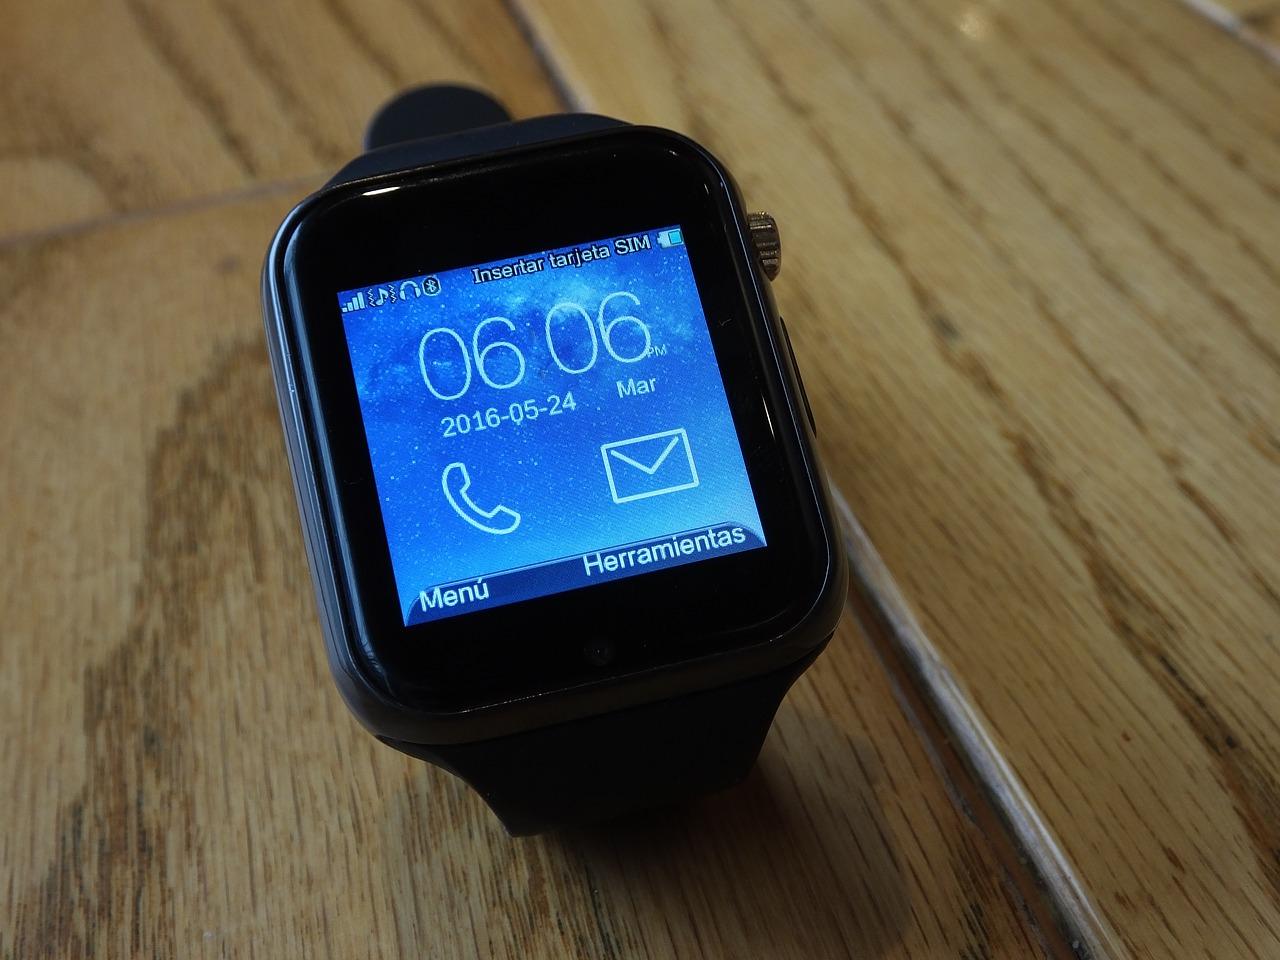 Peut-on recevoir des appels via une montre connectée ?